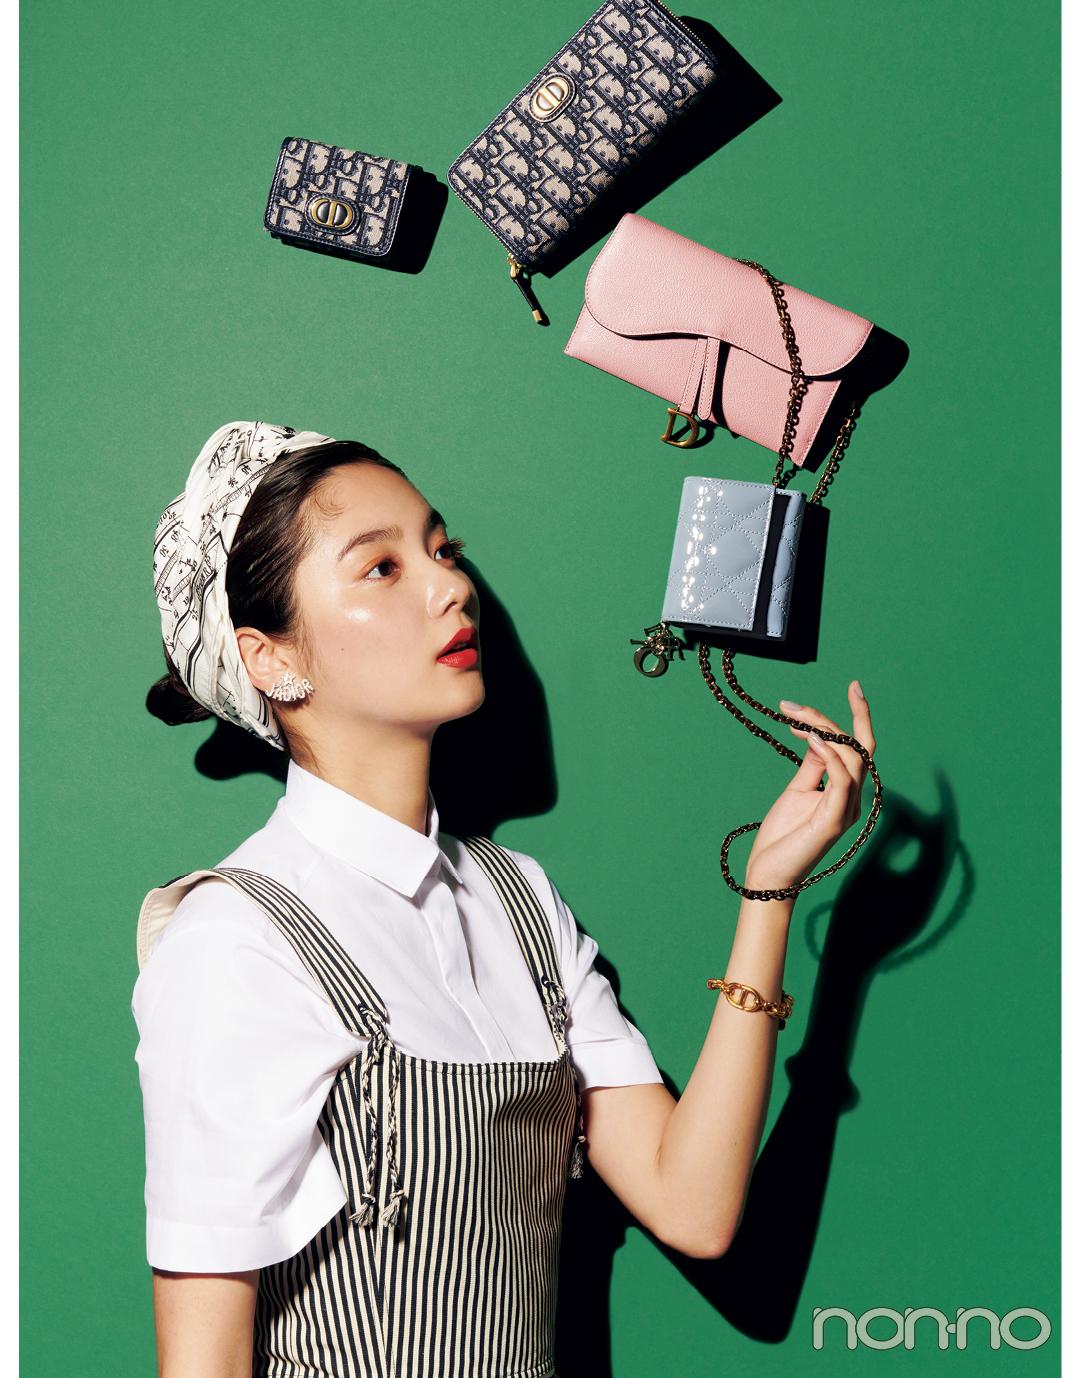 【憧れブランドの財布2021】Diorならコレ! おすすめ財布4選_1_2